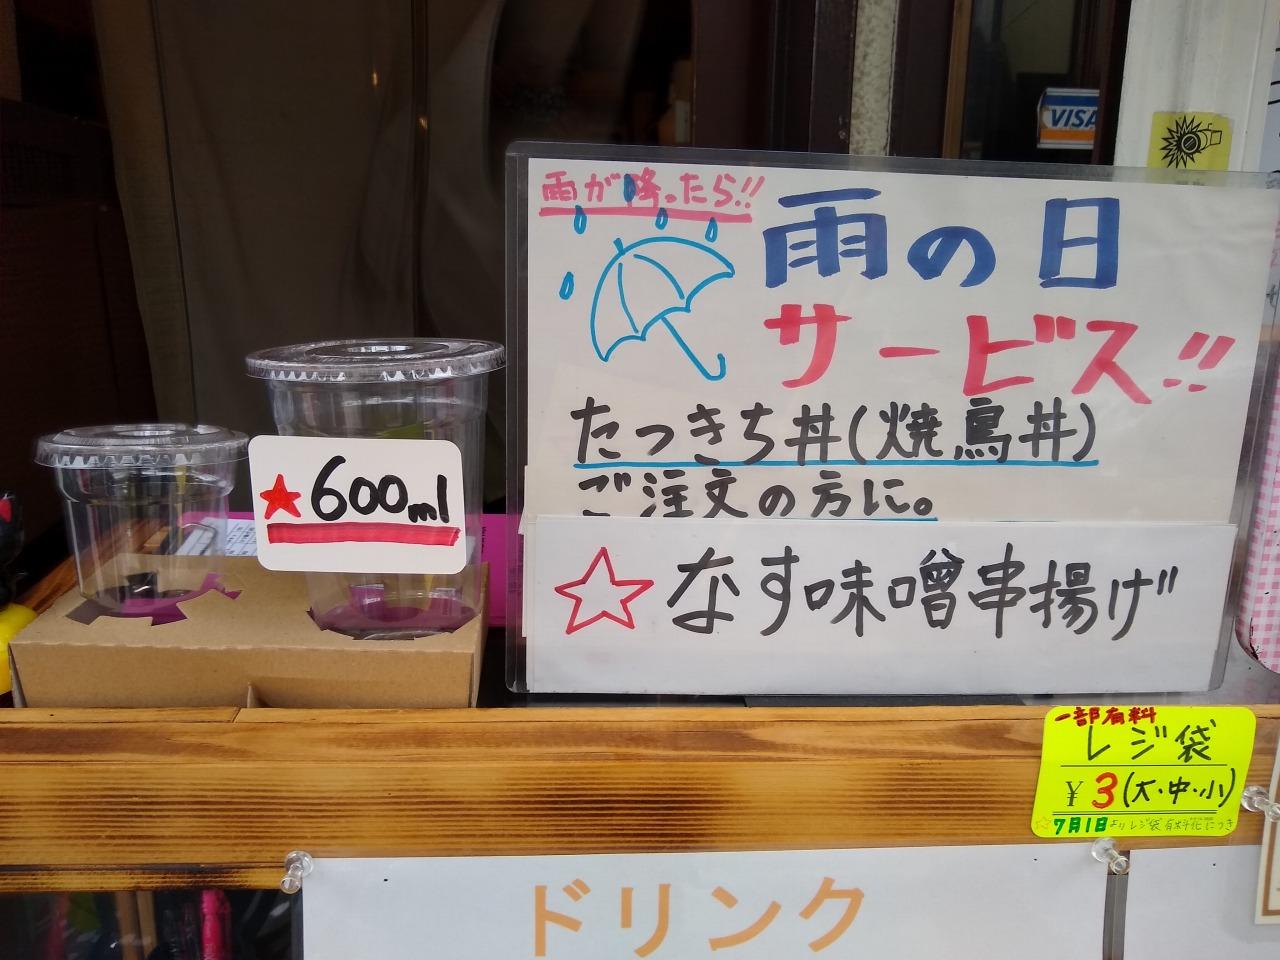 綱島東の竜吉の雨の日サービス